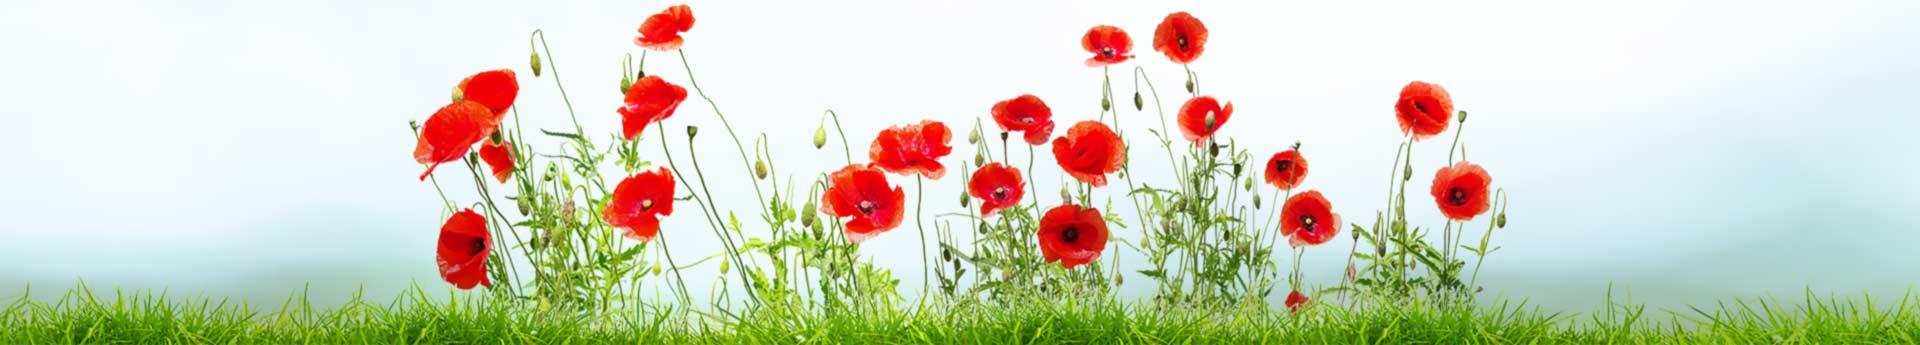 bg-11-garden-flowers